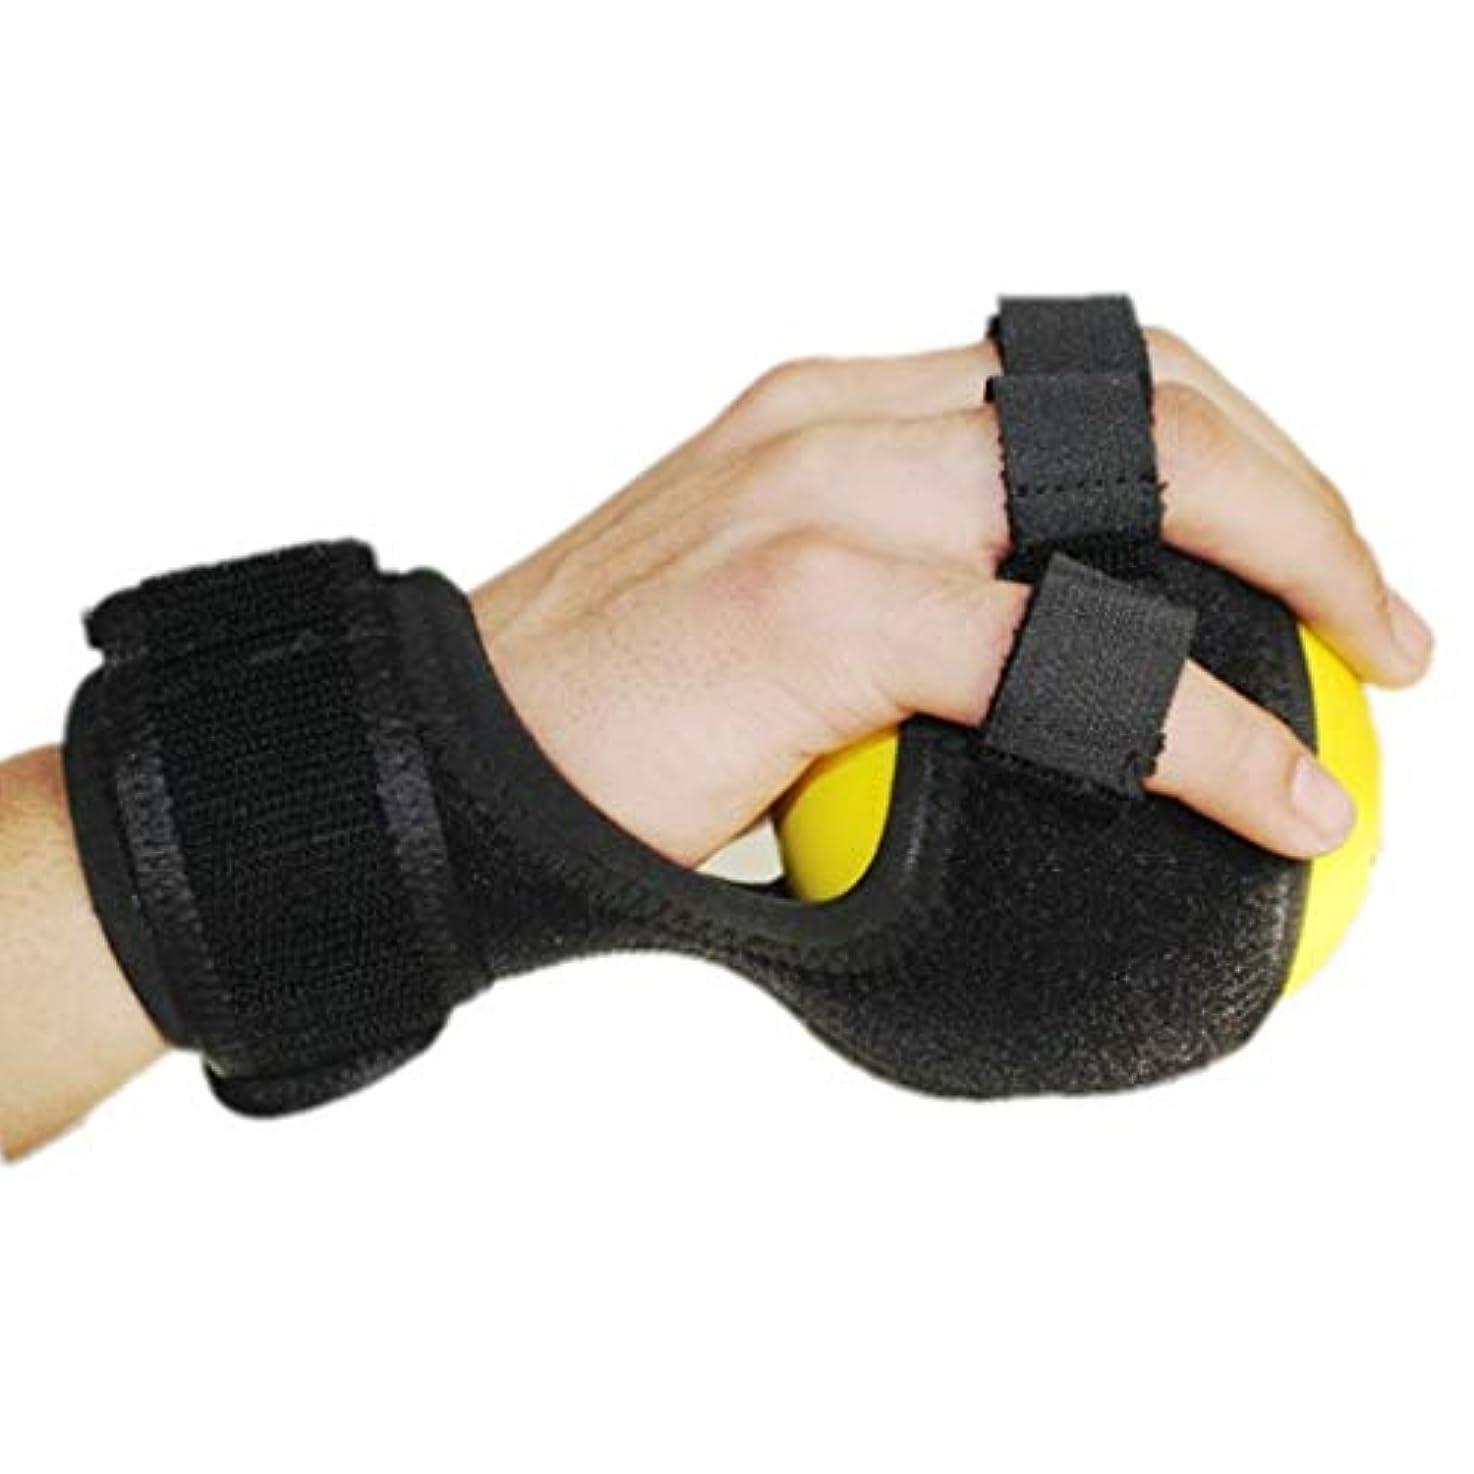 ハンマー対角線所有者グリップボールは手をつない機能障害アンチスクワット指補正デバイスのデバイストレーニング機器ストローク片麻痺リハビリトレーニングデバイスを参照します